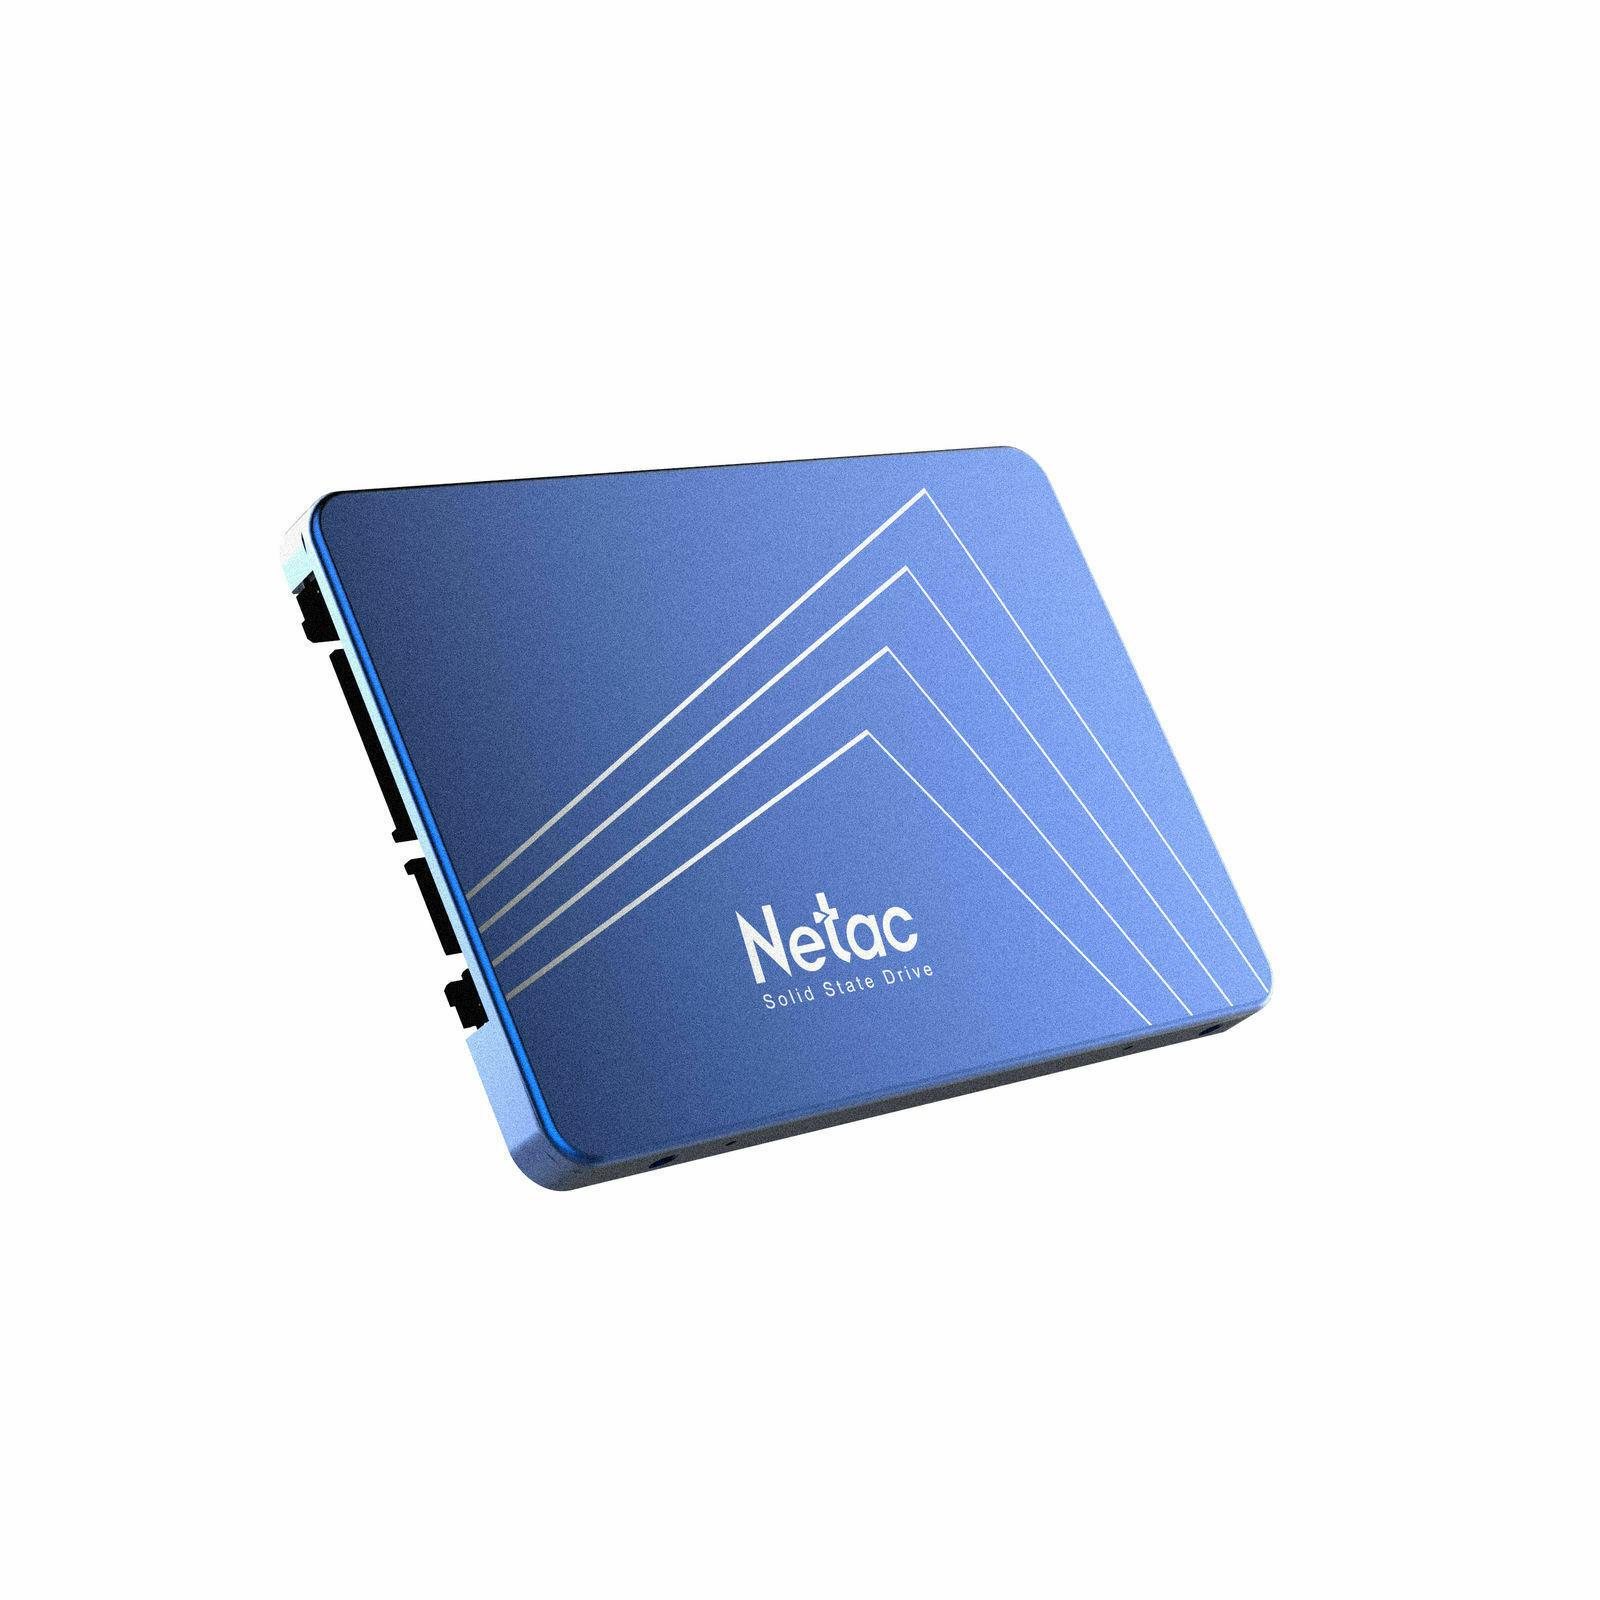 Netac SSD Sata3 480GB 240GB 120GB Hard Drive SSD Internal Solid State Disk Hard Drive 60G 120G 240G SSD Hard Disk SSD For Laptop